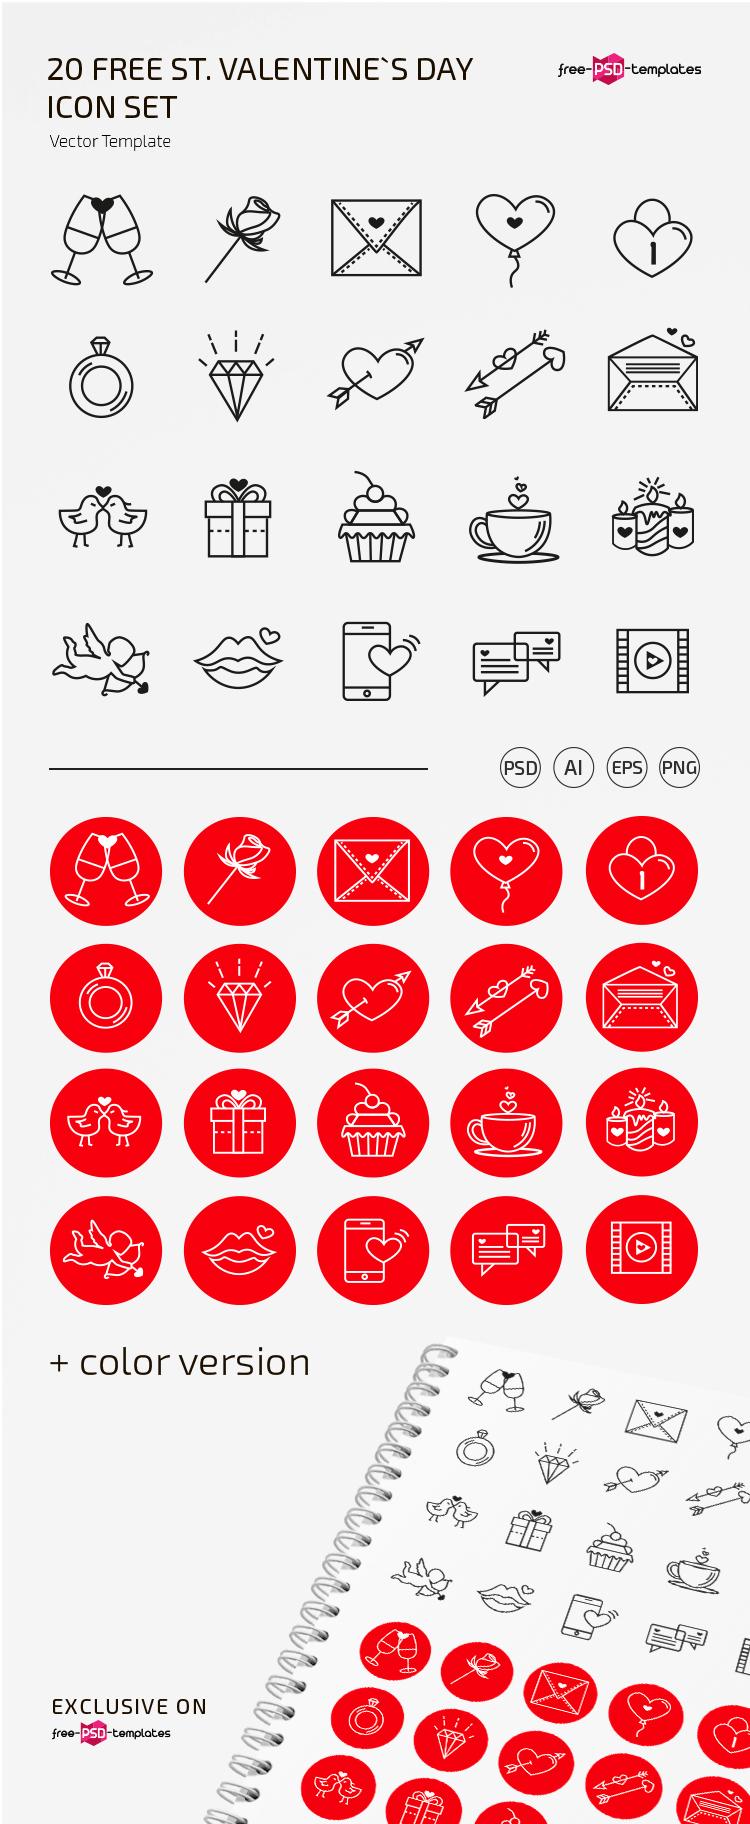 Free vector Valentine's icons